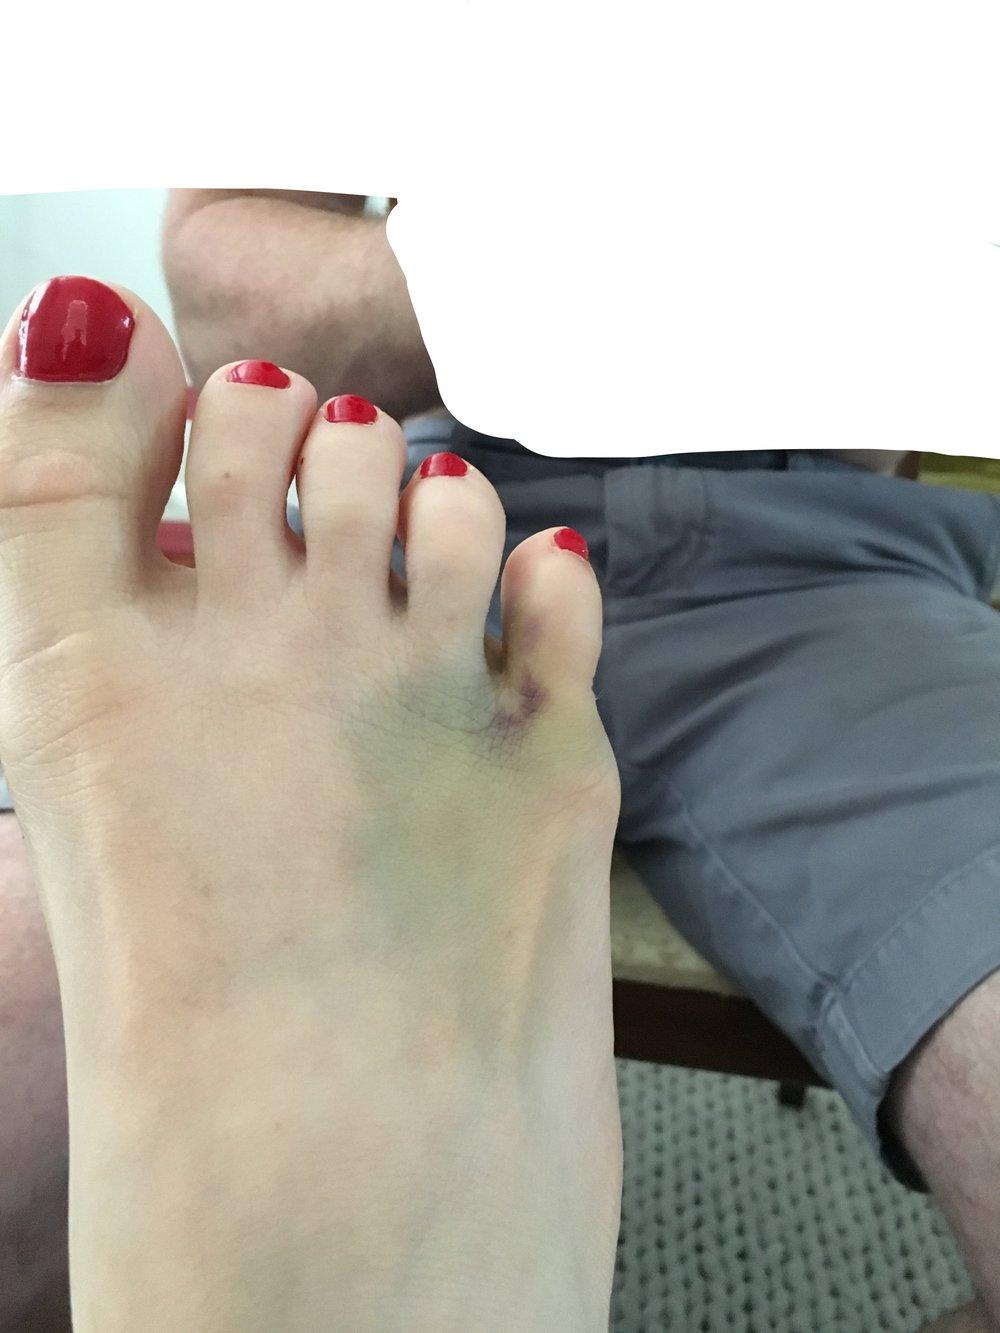 Broken-pinkie-toe-foot